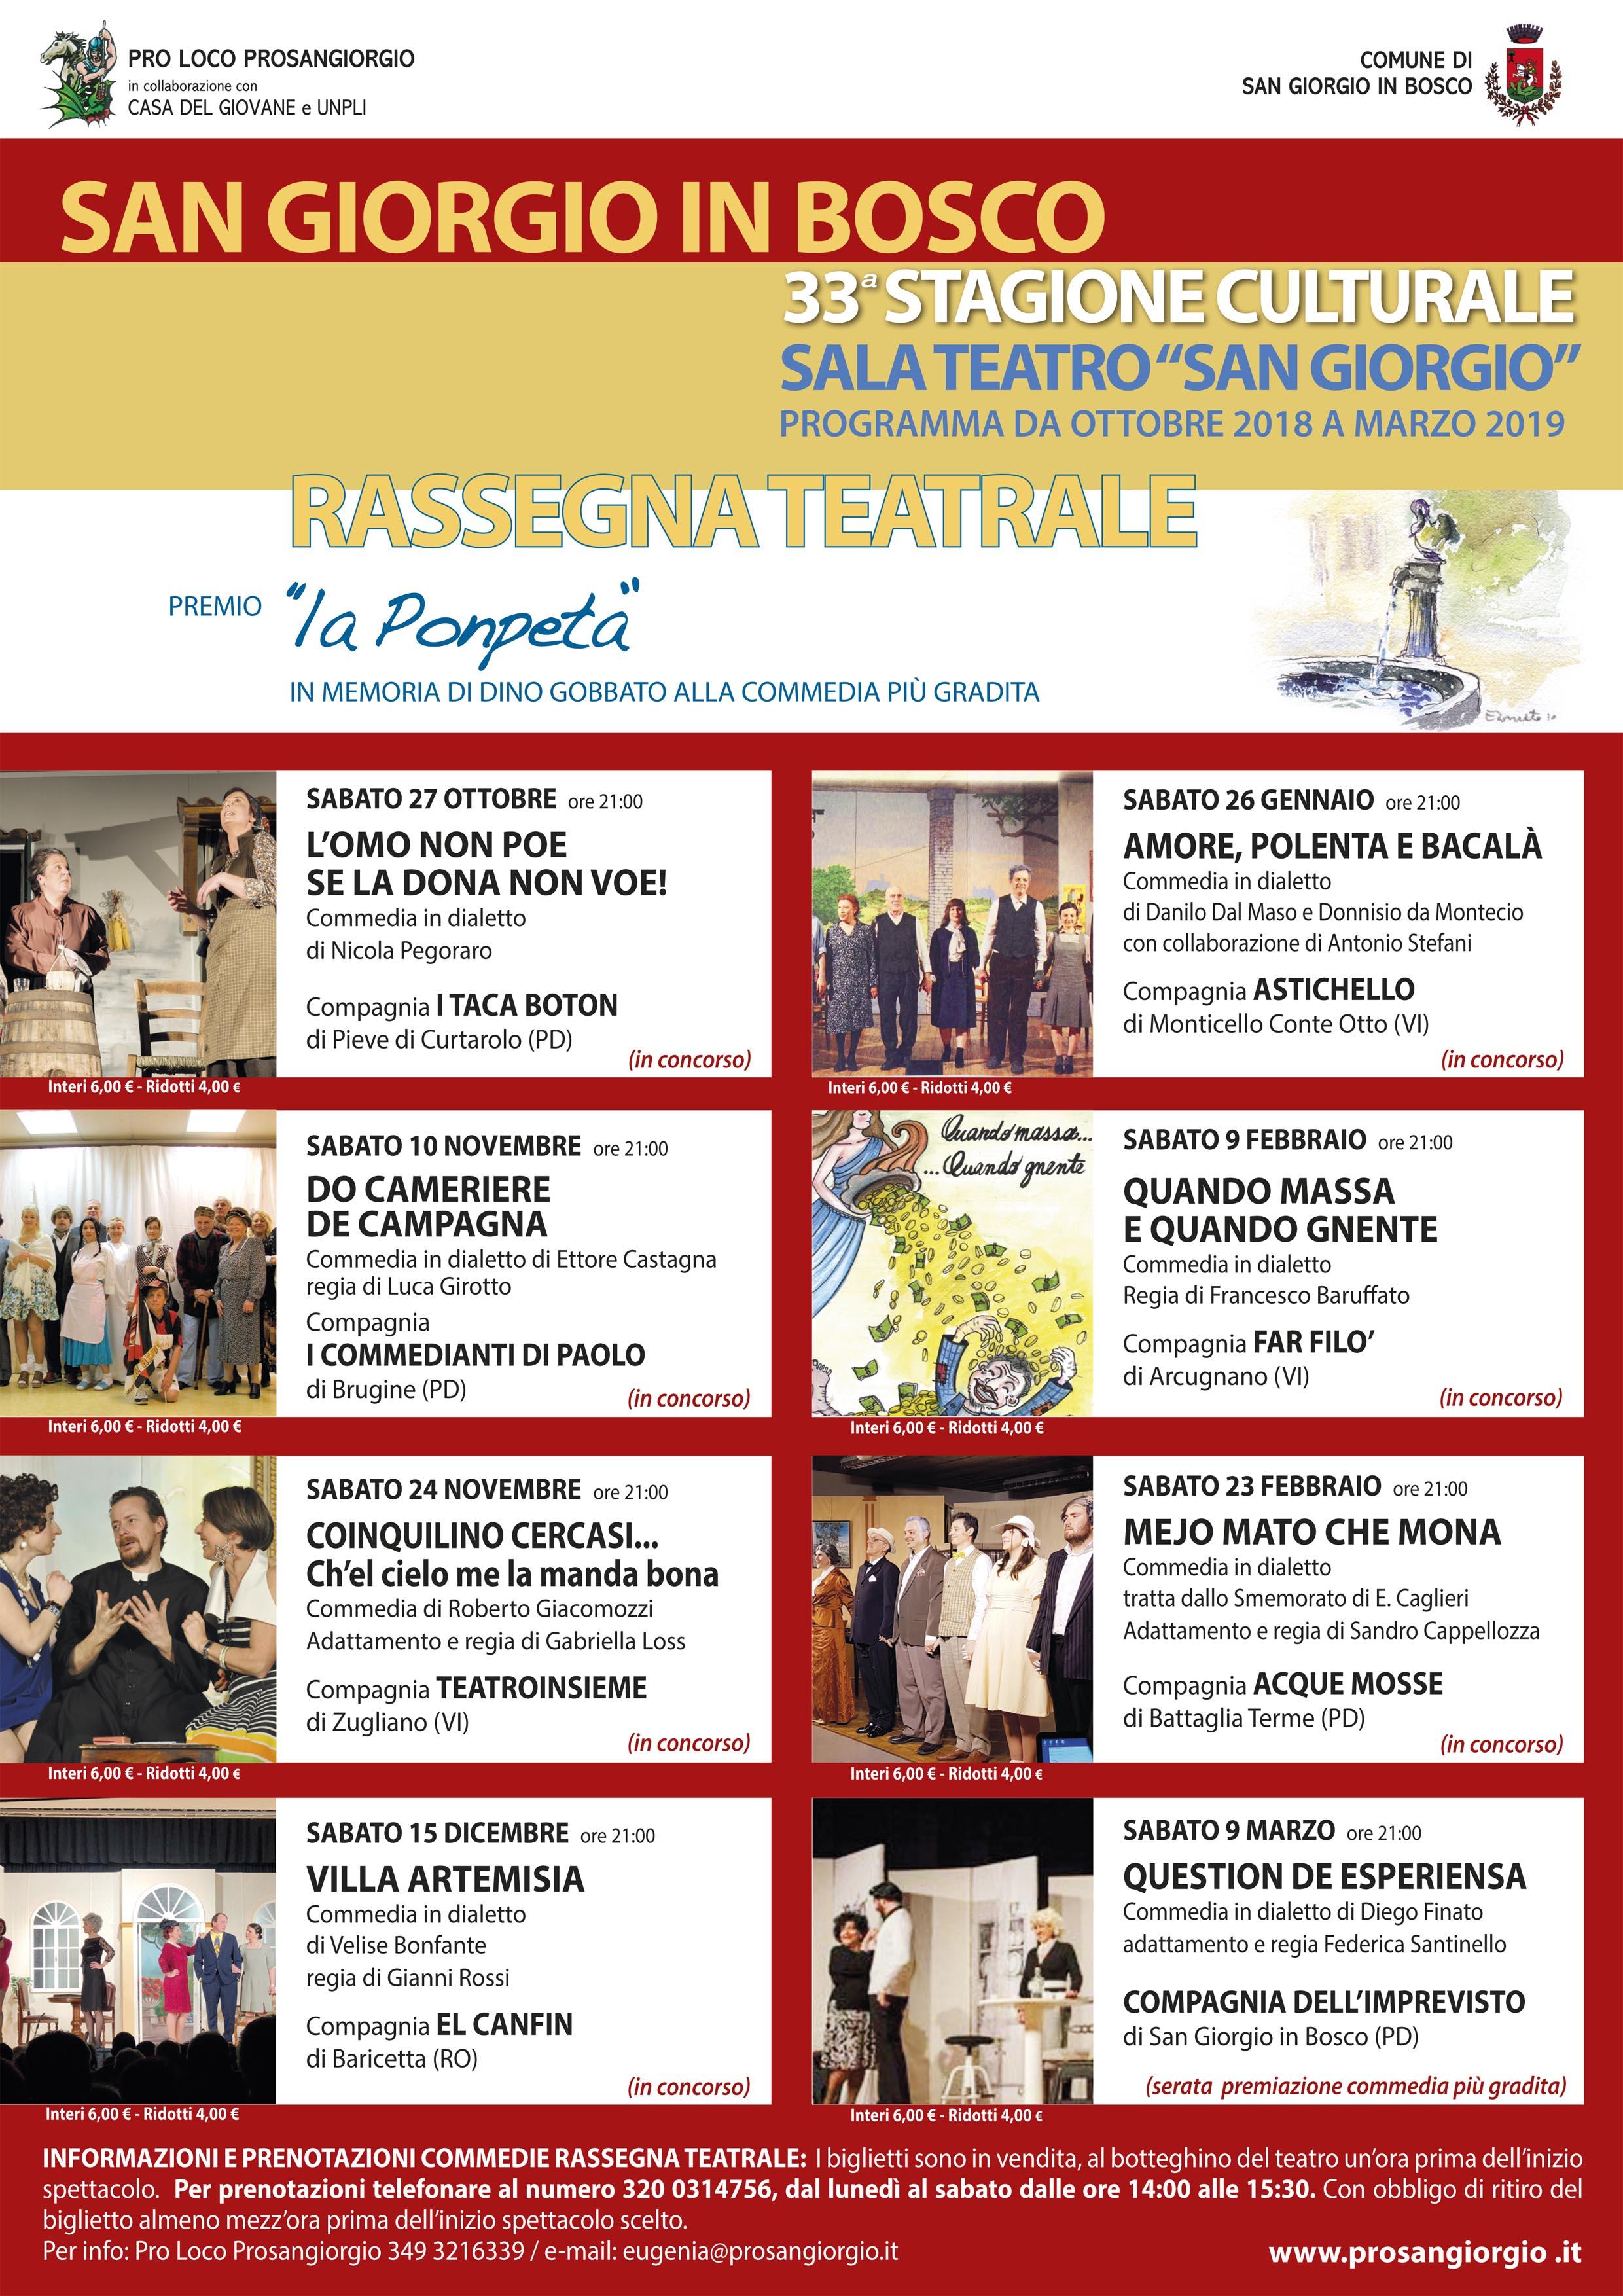 Comune Di Arcugnano Concorsi 33^ rassegna teatrale san giorgio in bosco | pro loco